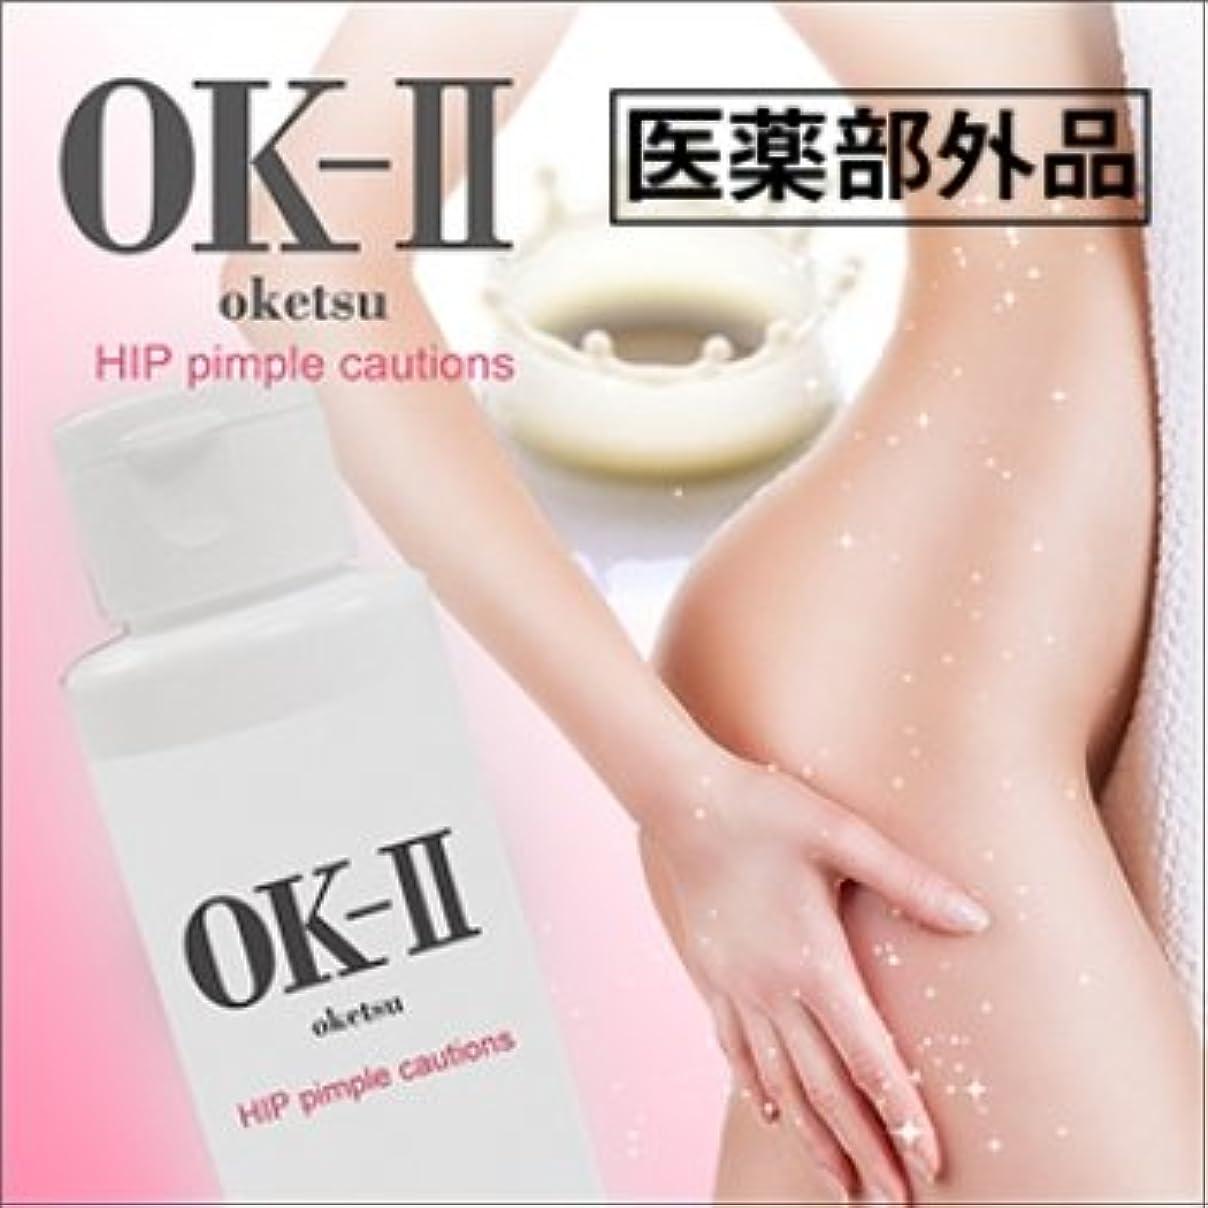 幻影混雑鉄OK-IIオッケーツー(薬用お尻ニキビケアボディ乳液)医薬部外品